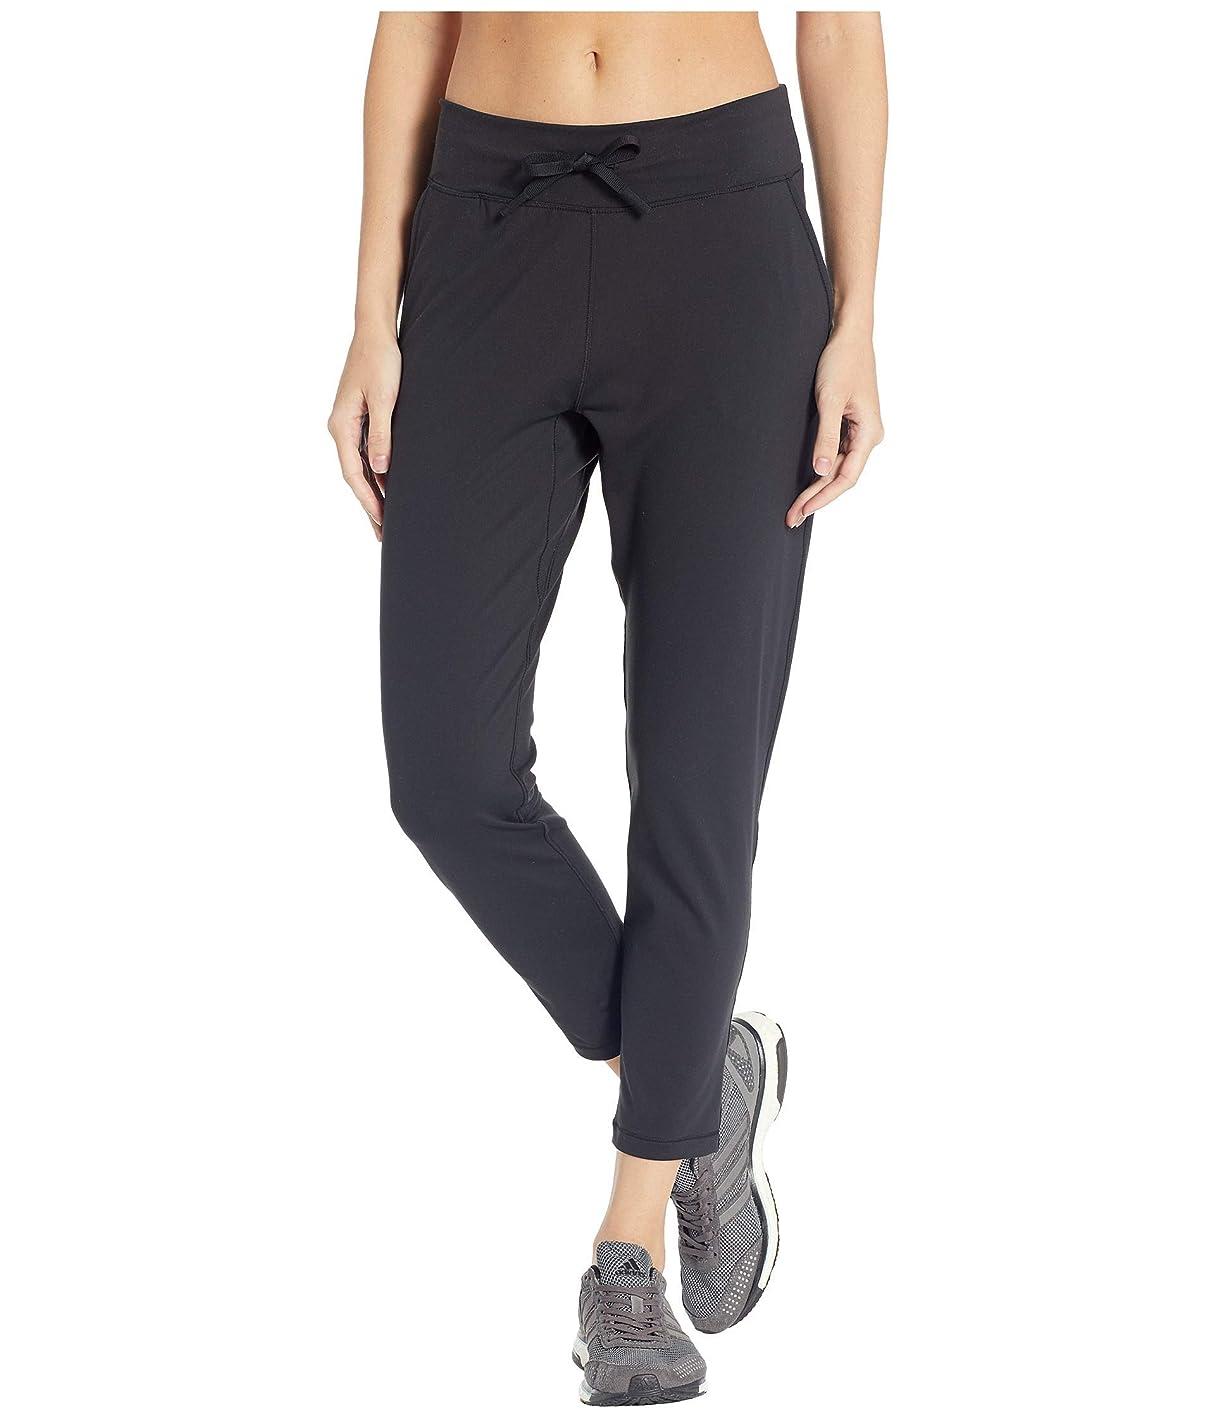 いつか委員会証明する[adidas(アディダス)] レディースパンツ?ジャージ?レギンス Believe This 7/8 Pants Black L [並行輸入品]